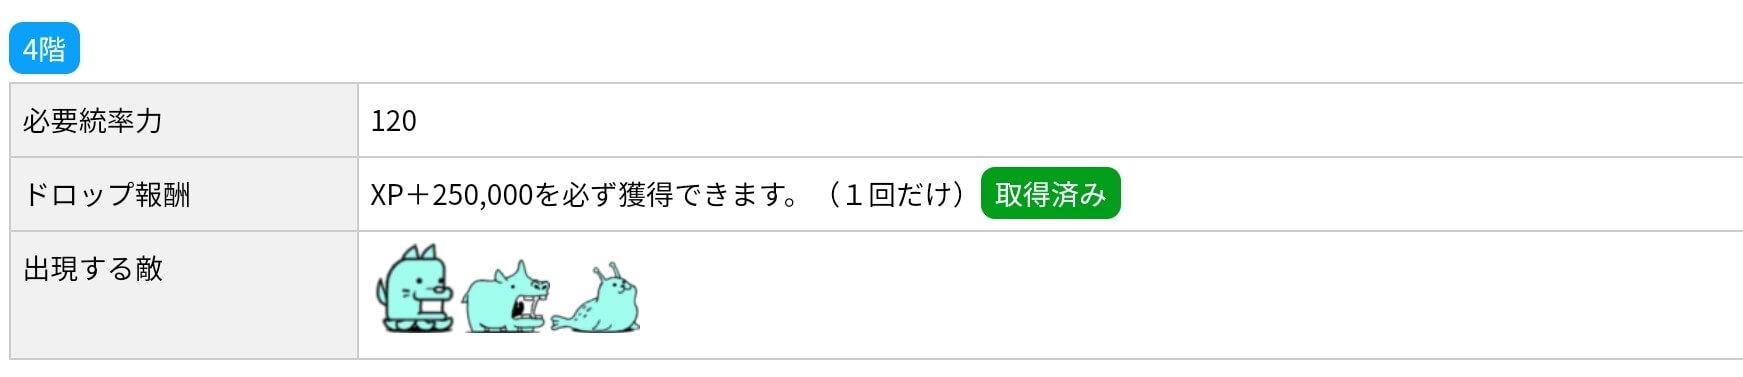 にゃんこ別塔(蒼)4階 敵編成